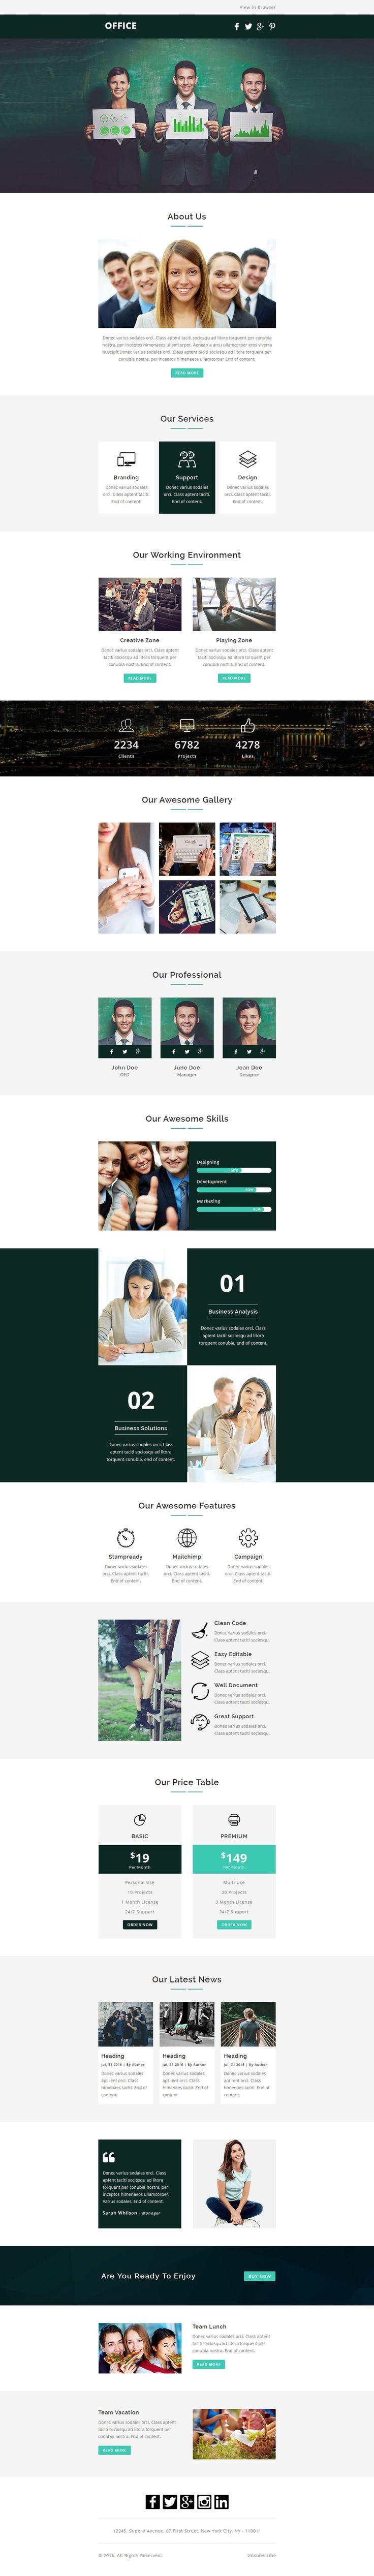 Mejores 16 imágenes de email marketing layout en Pinterest ...